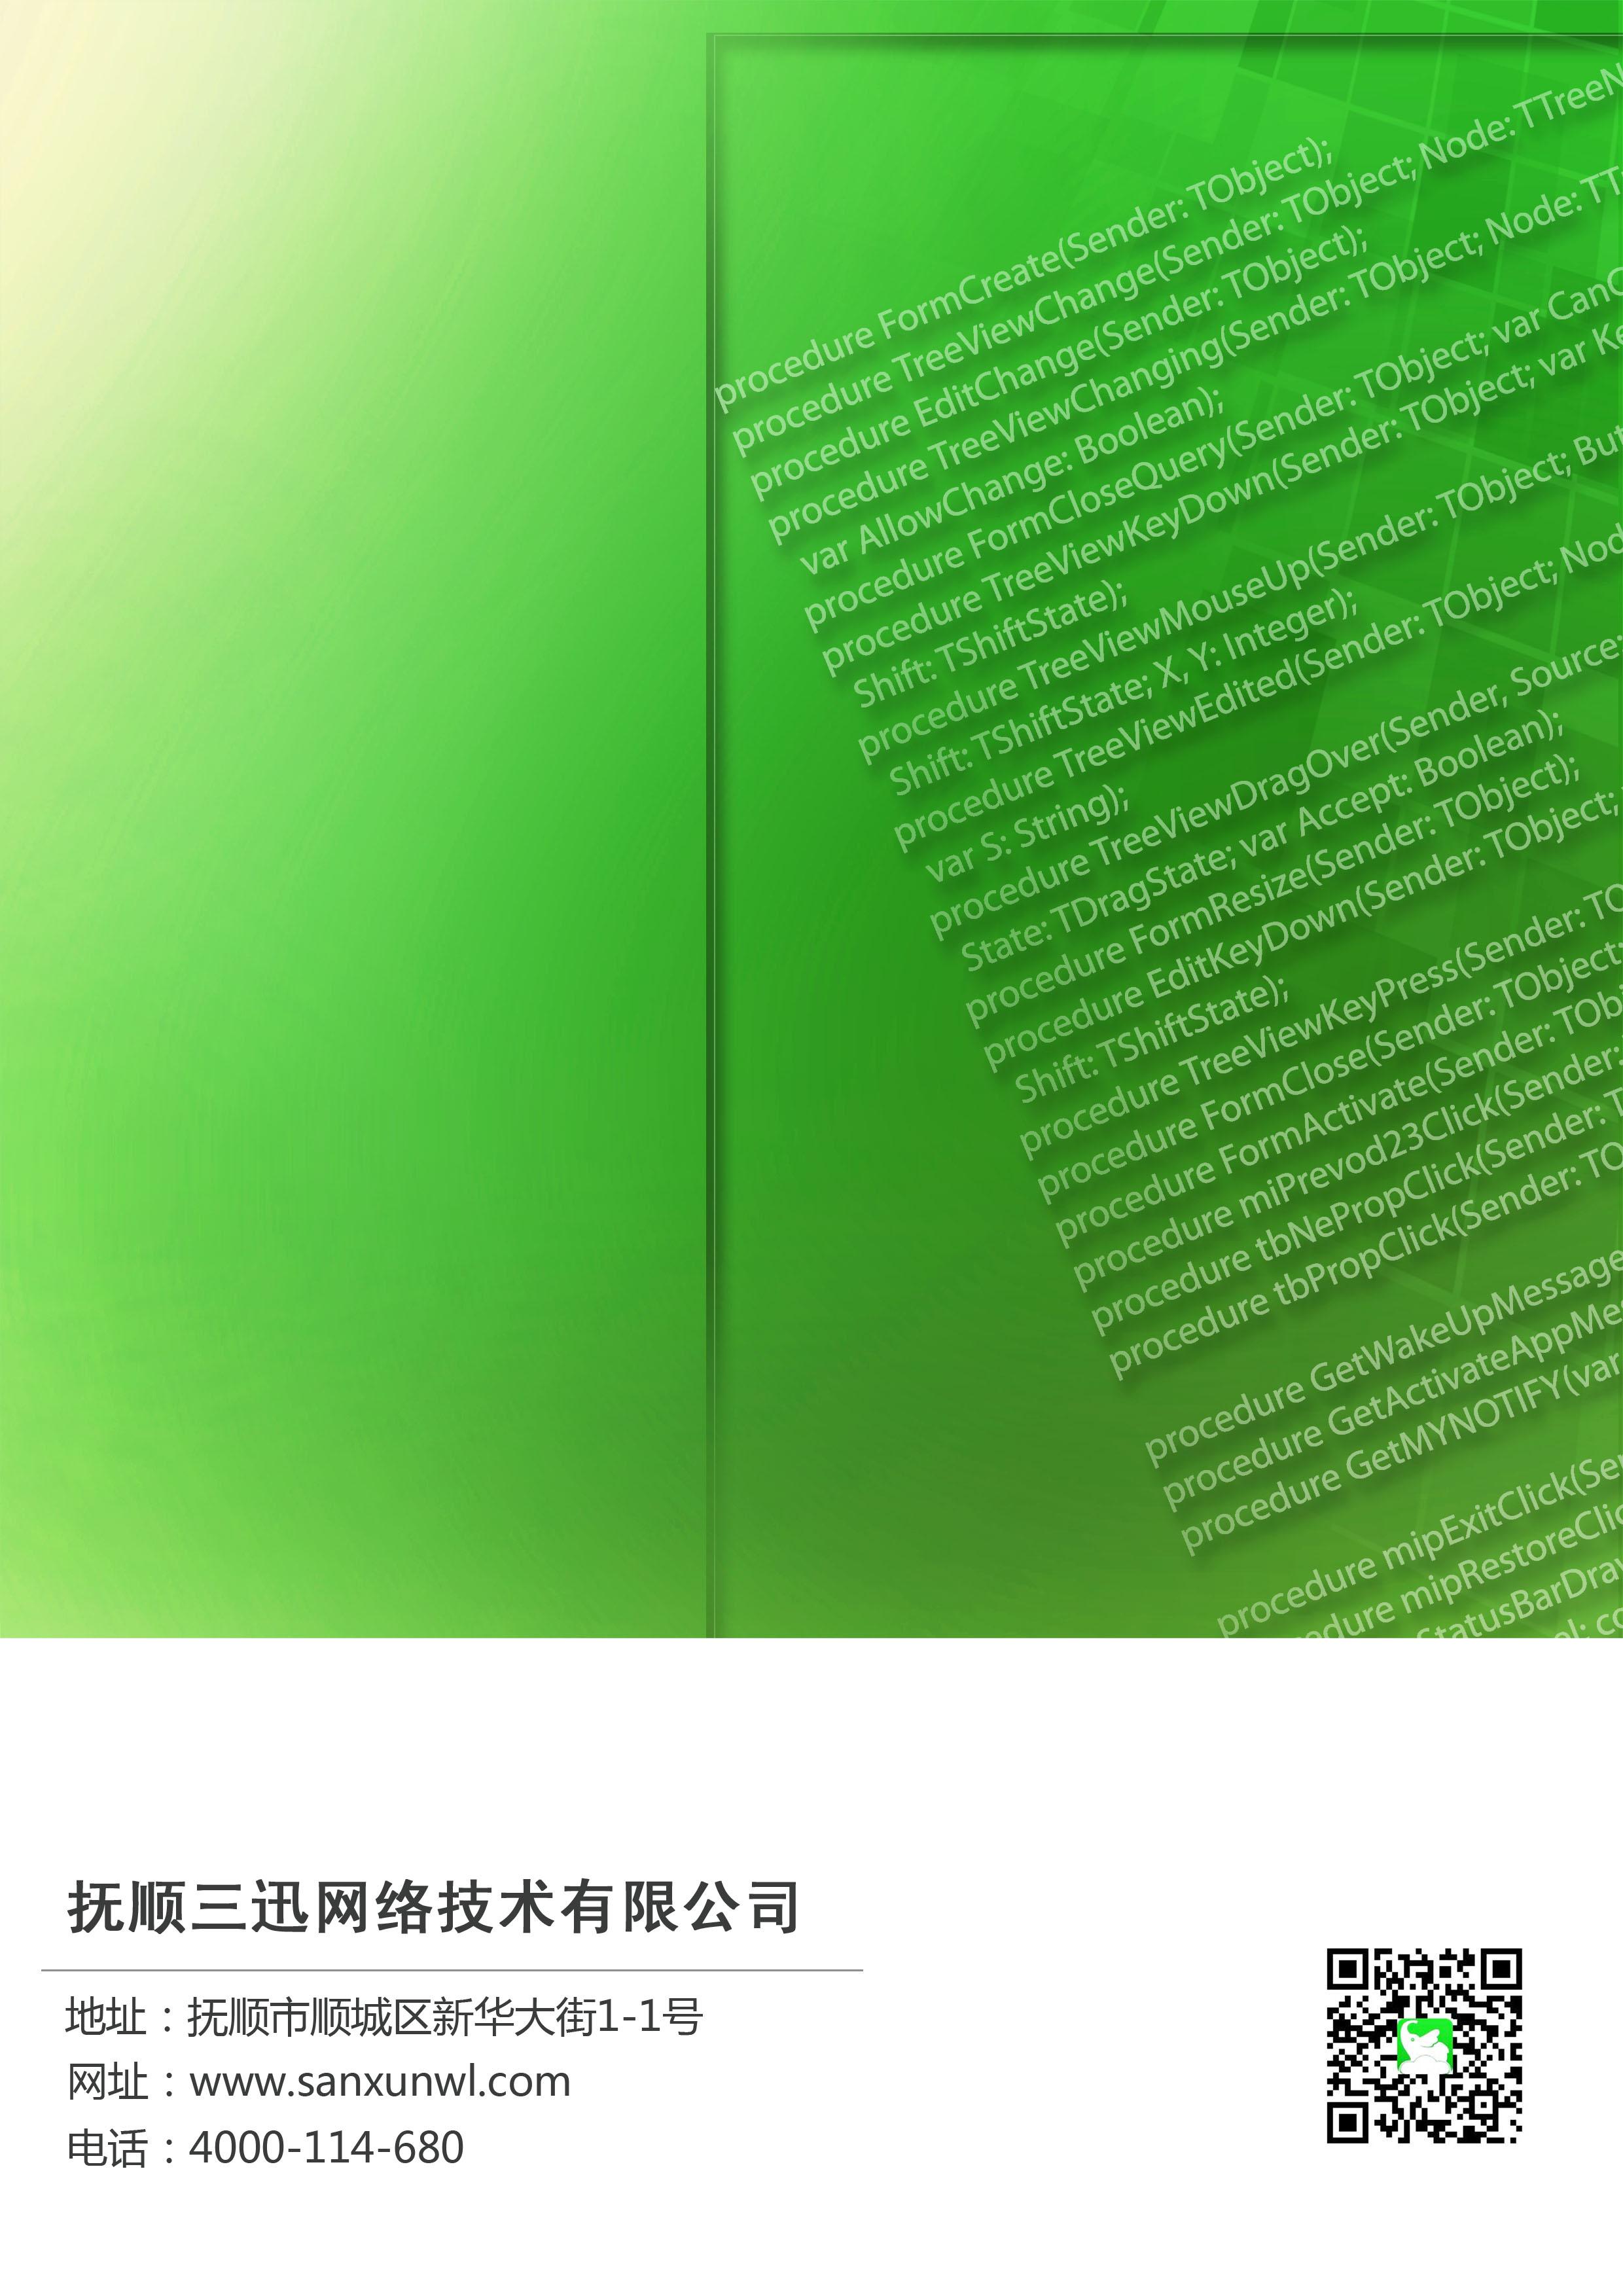 龙虎赌博平台6615